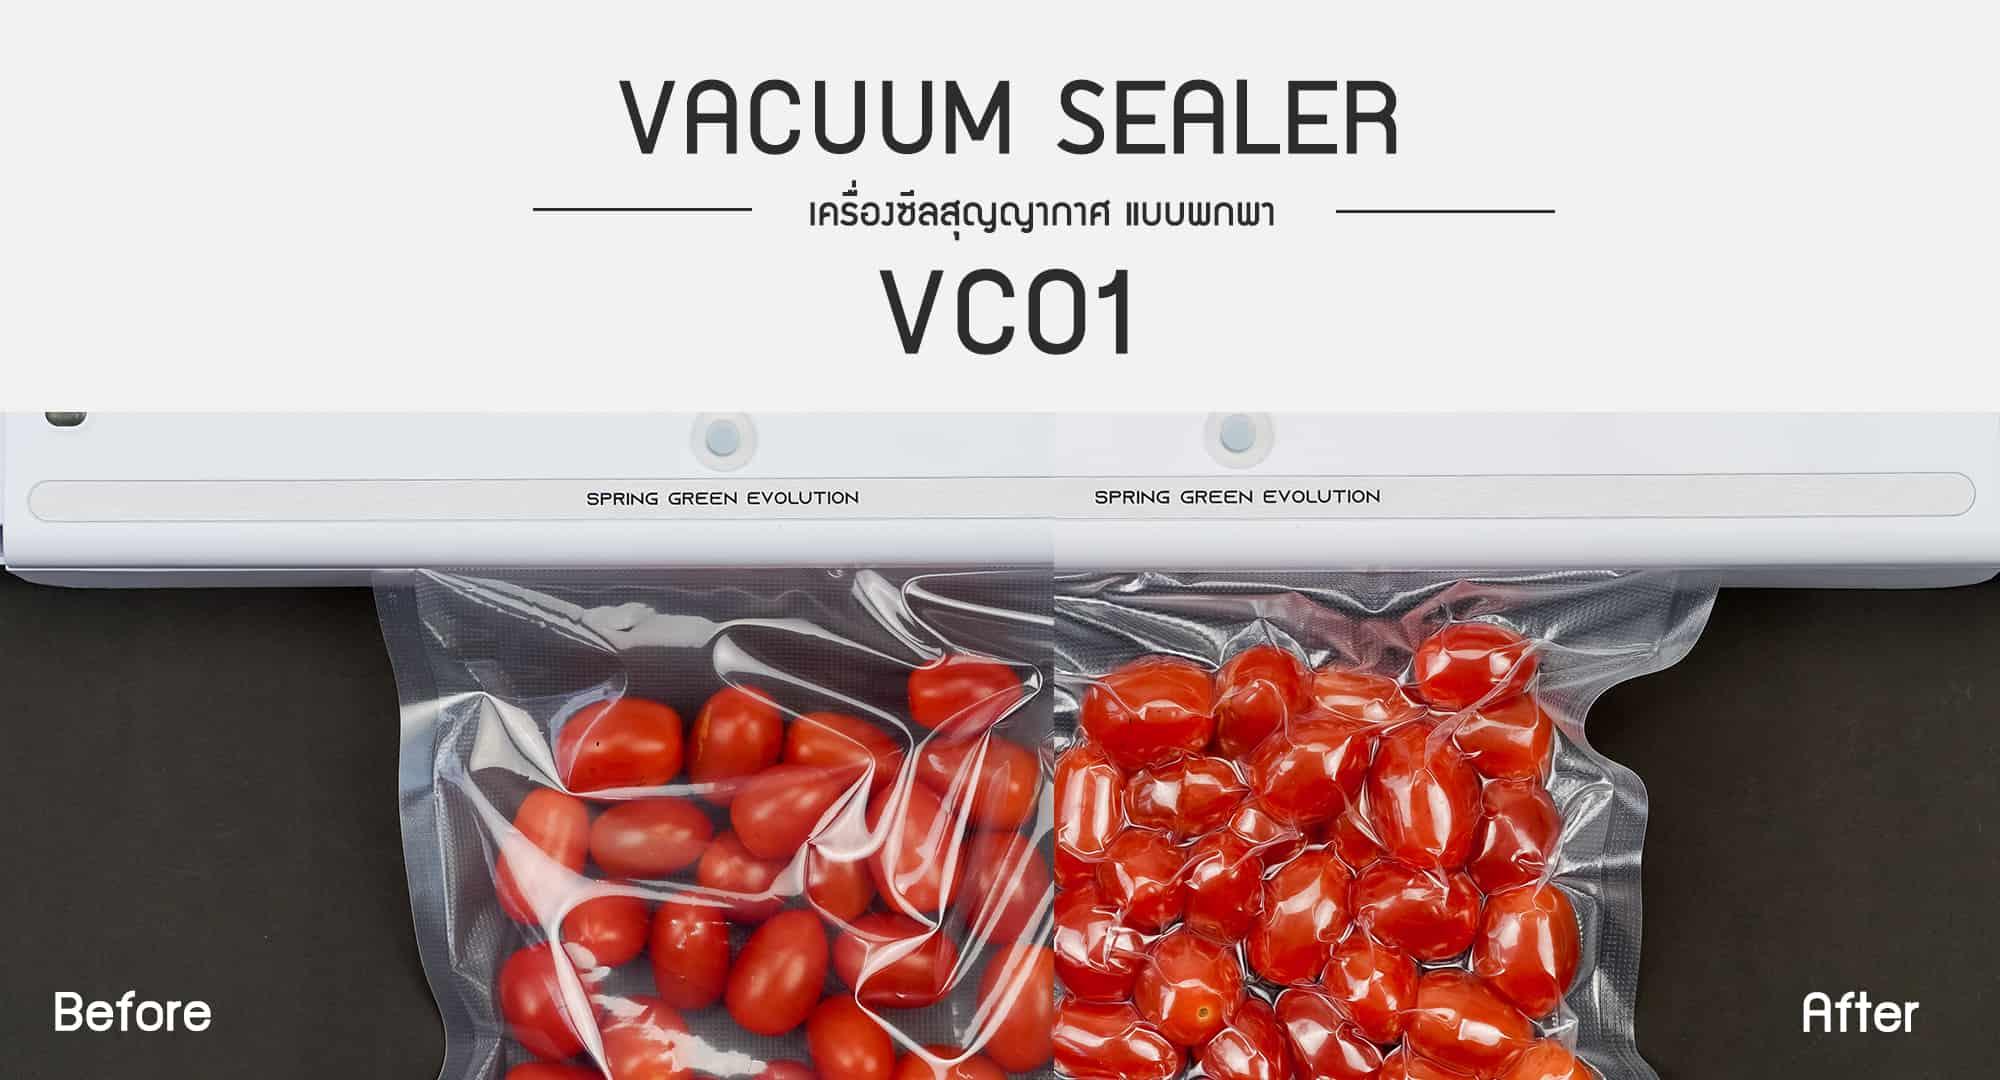 เครื่องแวคคั่ม-VC01 ก่อน-หลัง-1.1